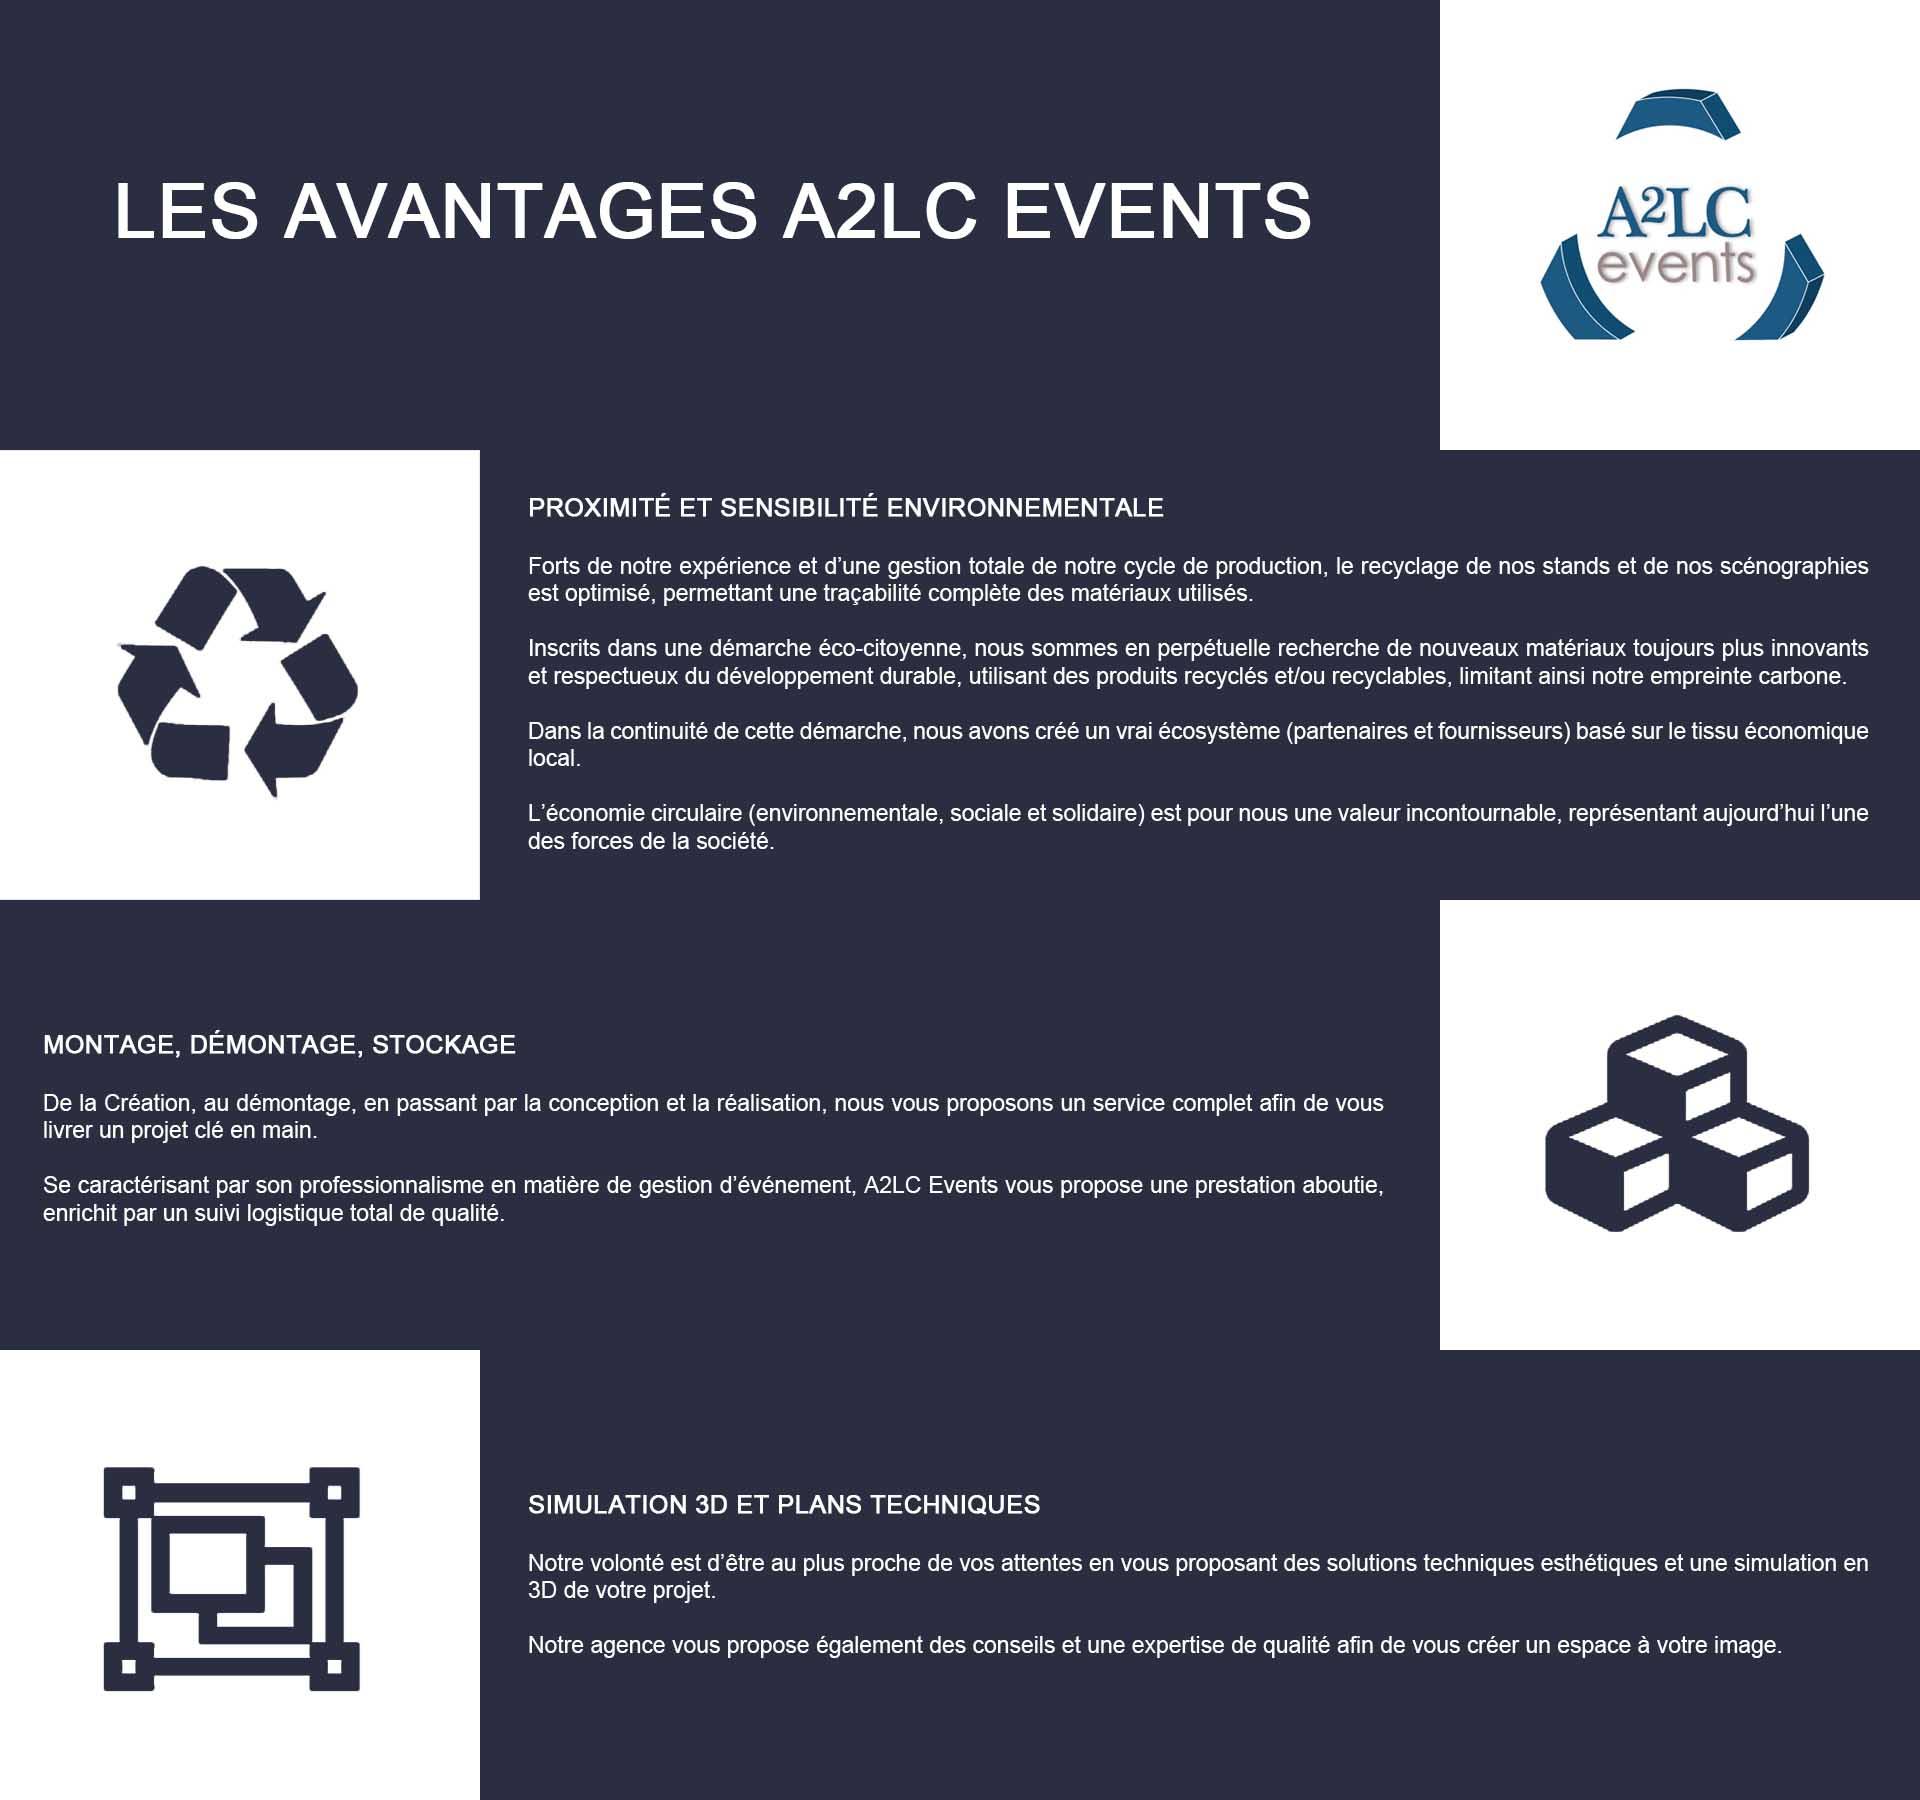 Les avantages A2LC Events